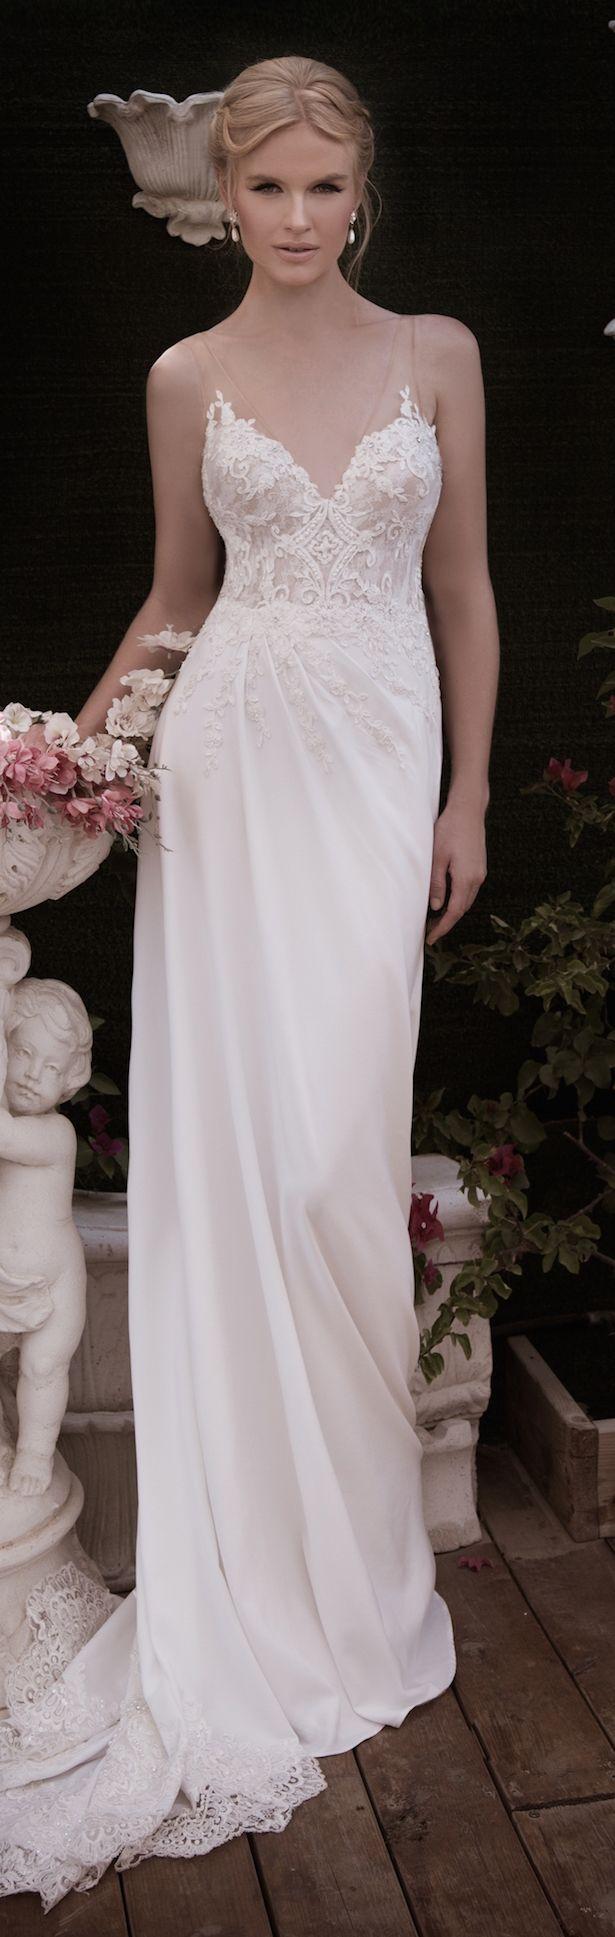 A inspiração do boudoir para a cerimônia de casamento perfeita!